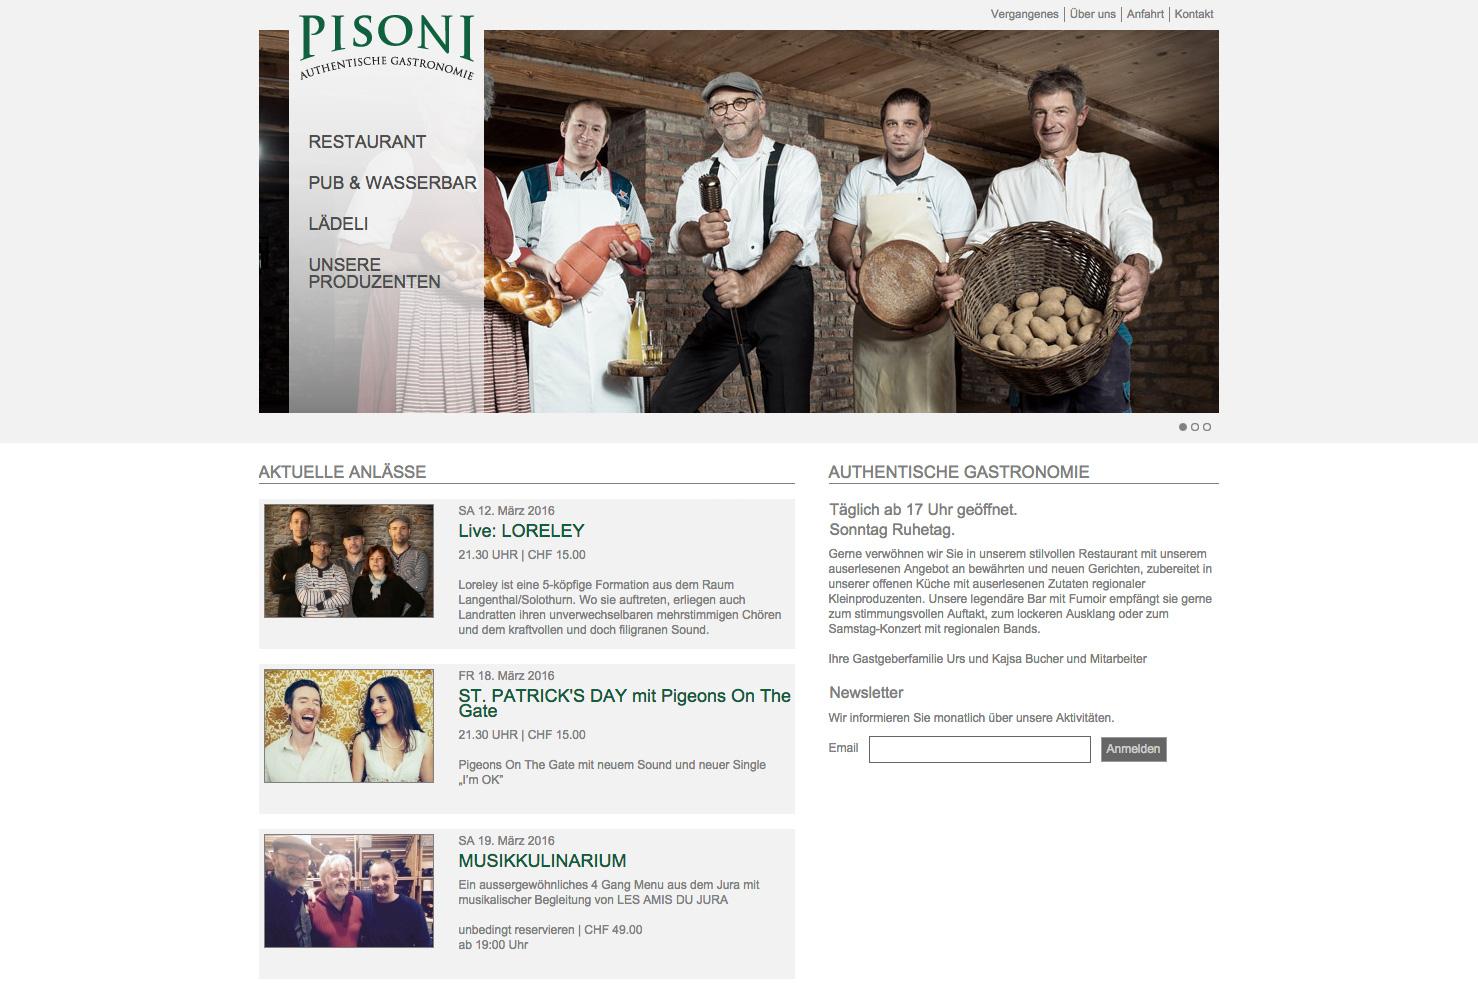 Bild 1 vom Pisoni Webseite